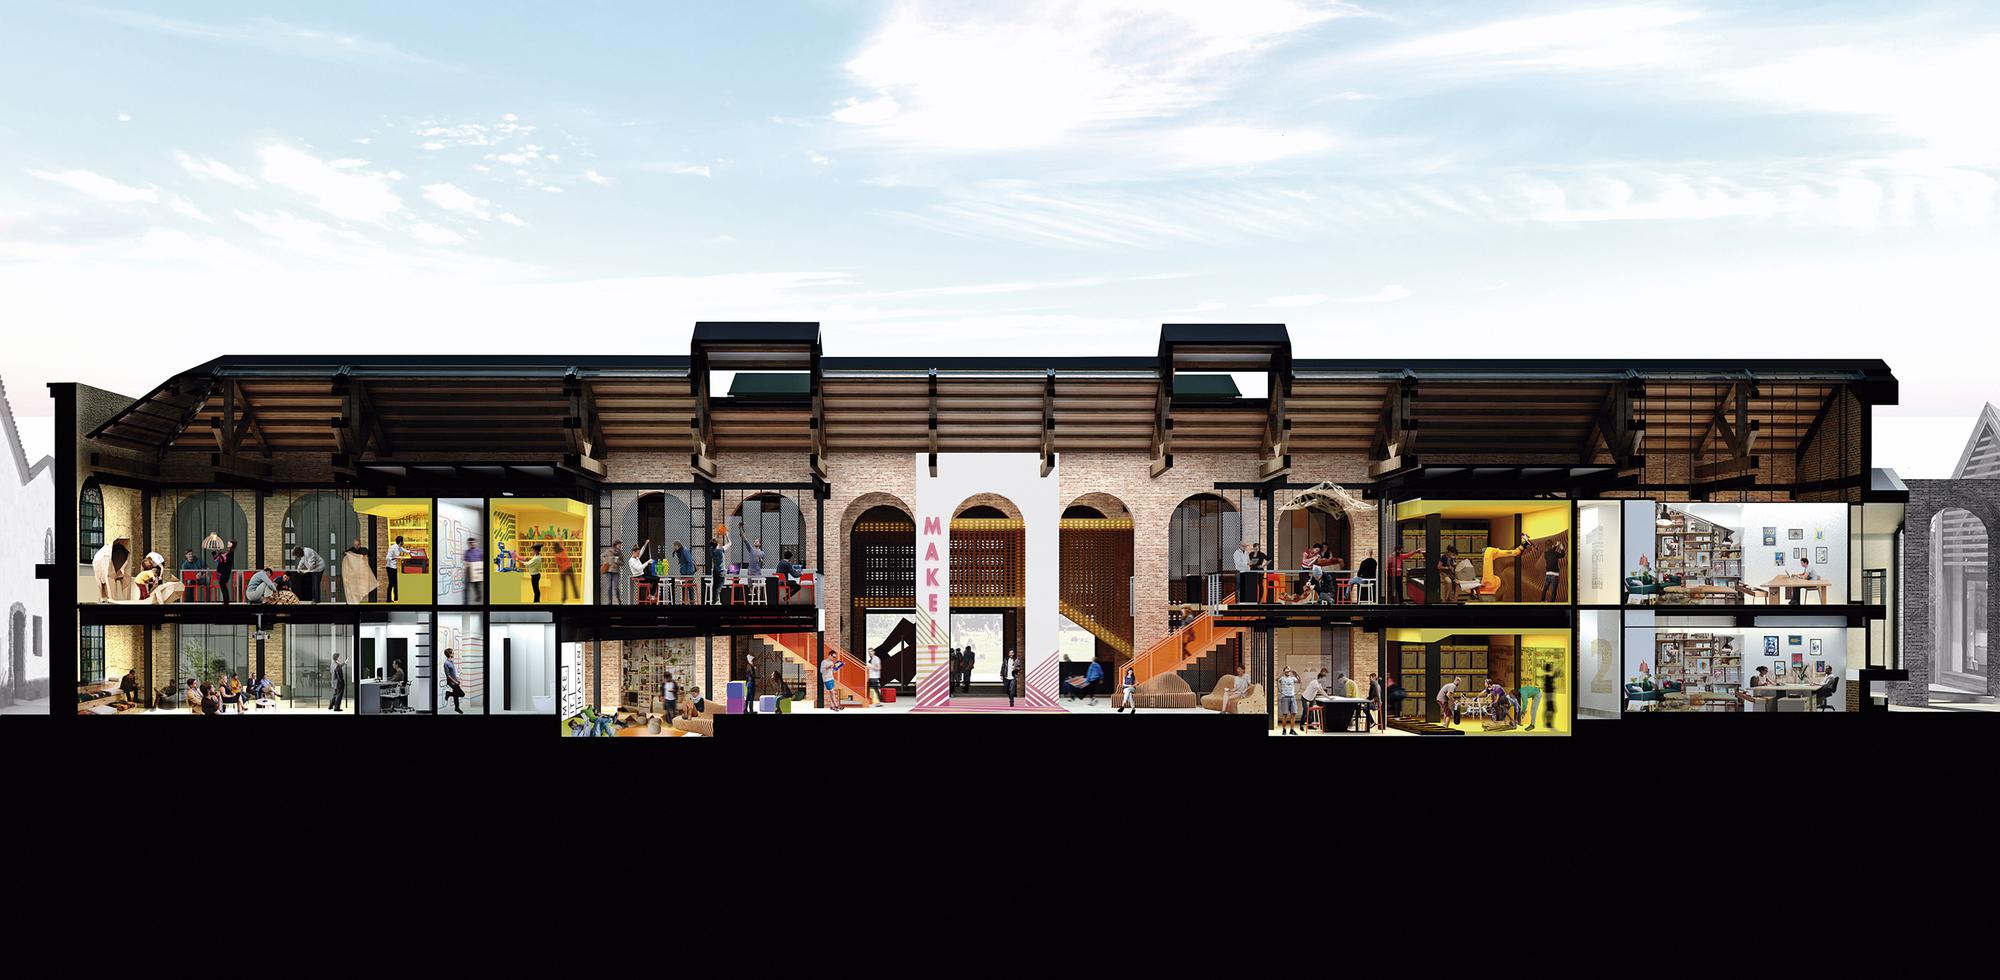 Los 15 mejores proyectos de fin de carrera dise ados por - Mejores arquitectos espanoles ...